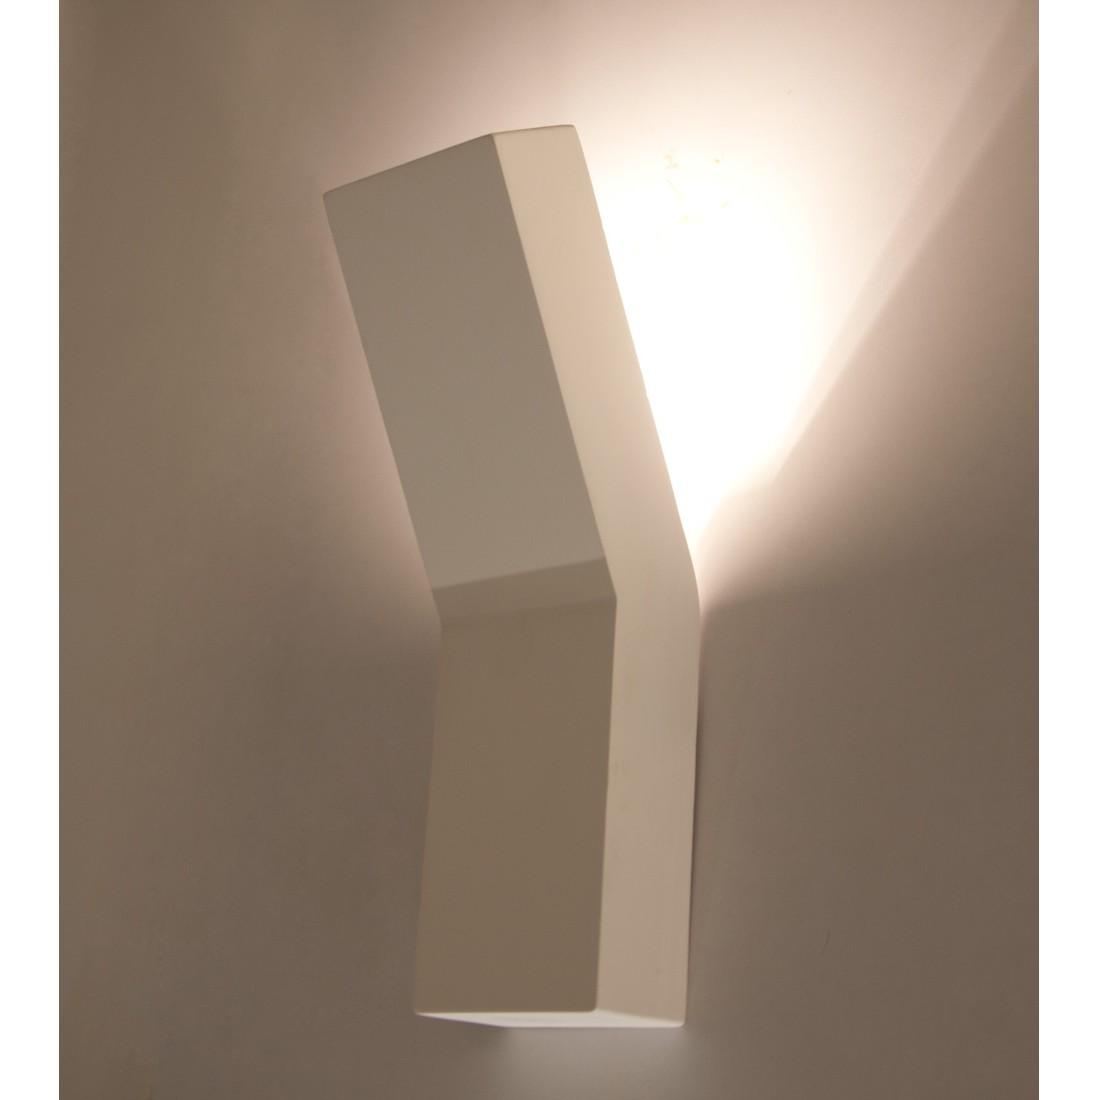 Lampada alogena da parete Phoebe II, Loistaa